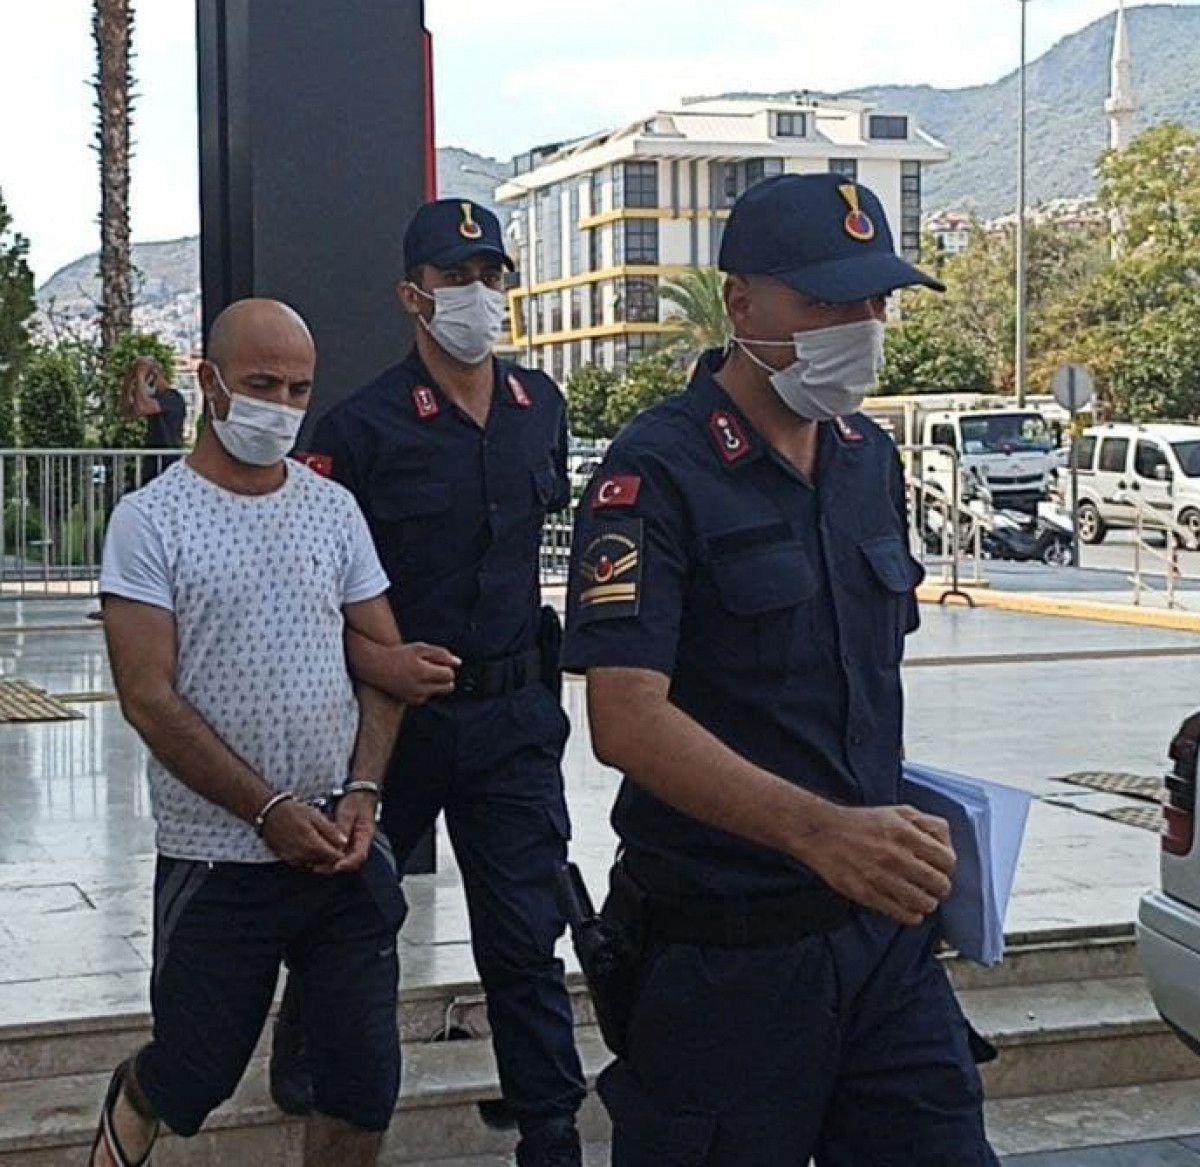 Antalya da 2 kadına cinsel istismarda bulunan zanlı tutuklandı #2